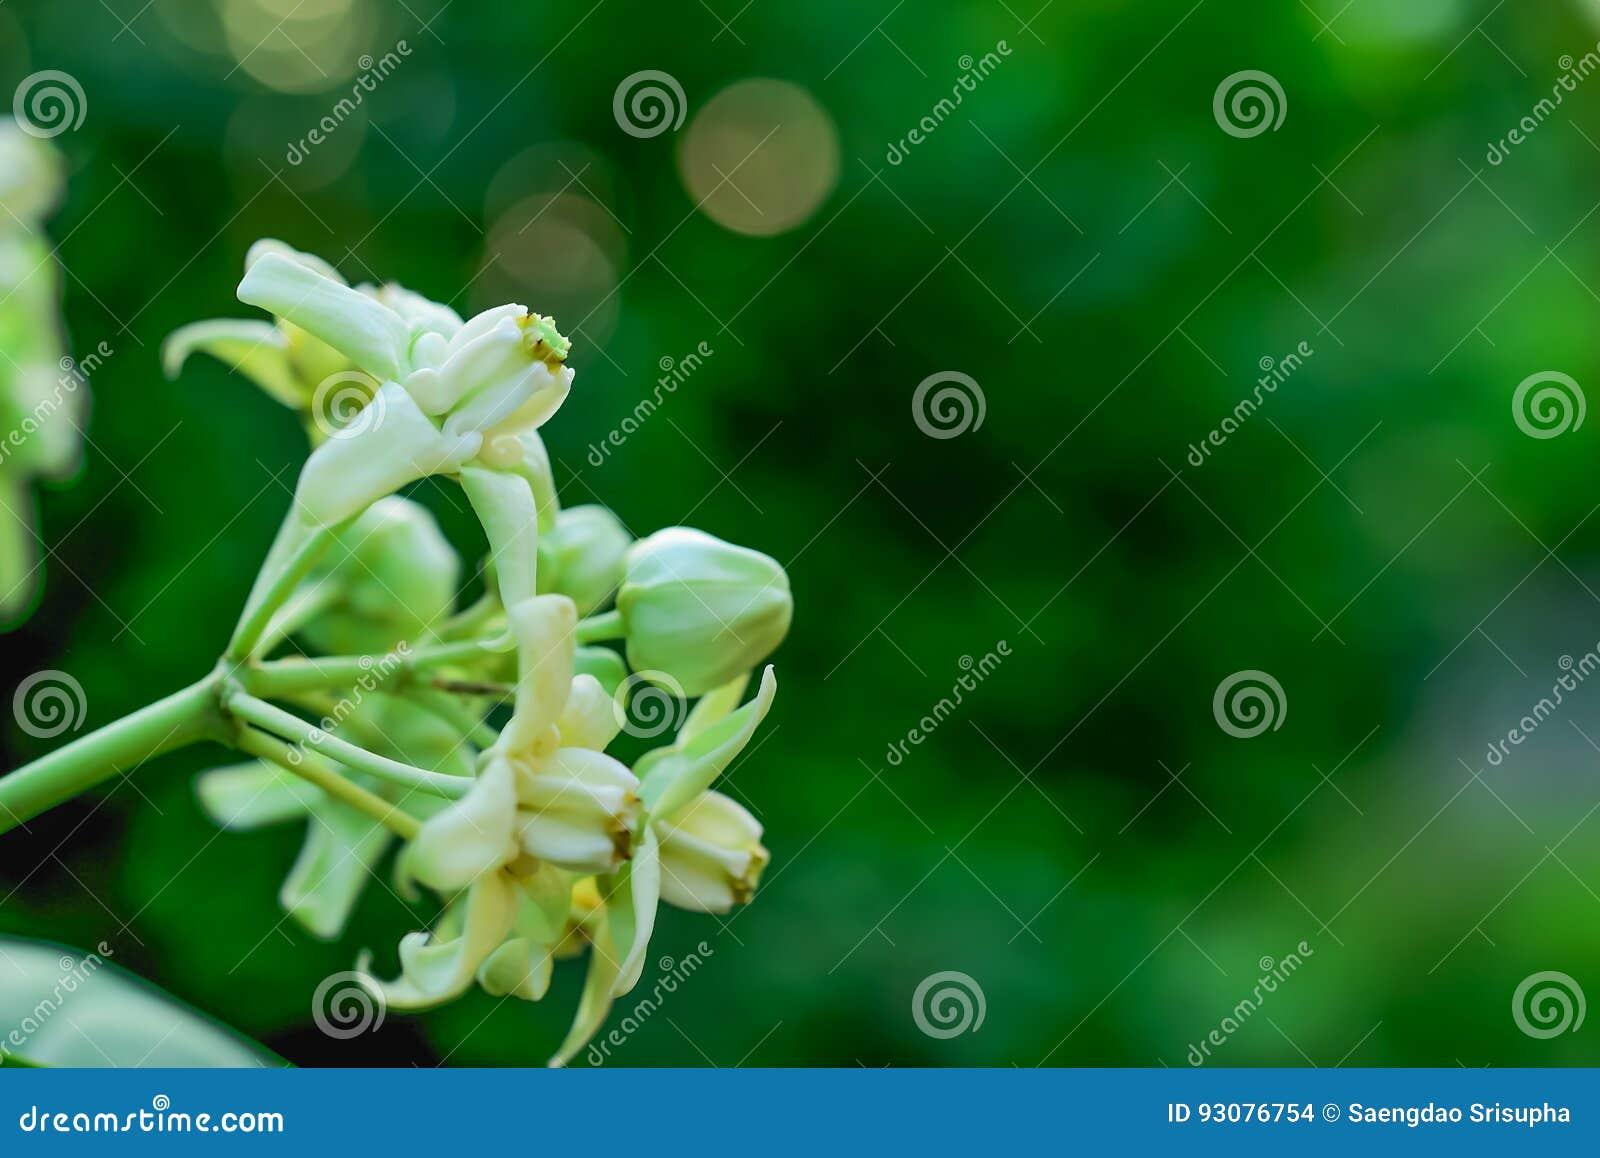 Giant Indian Milkweed